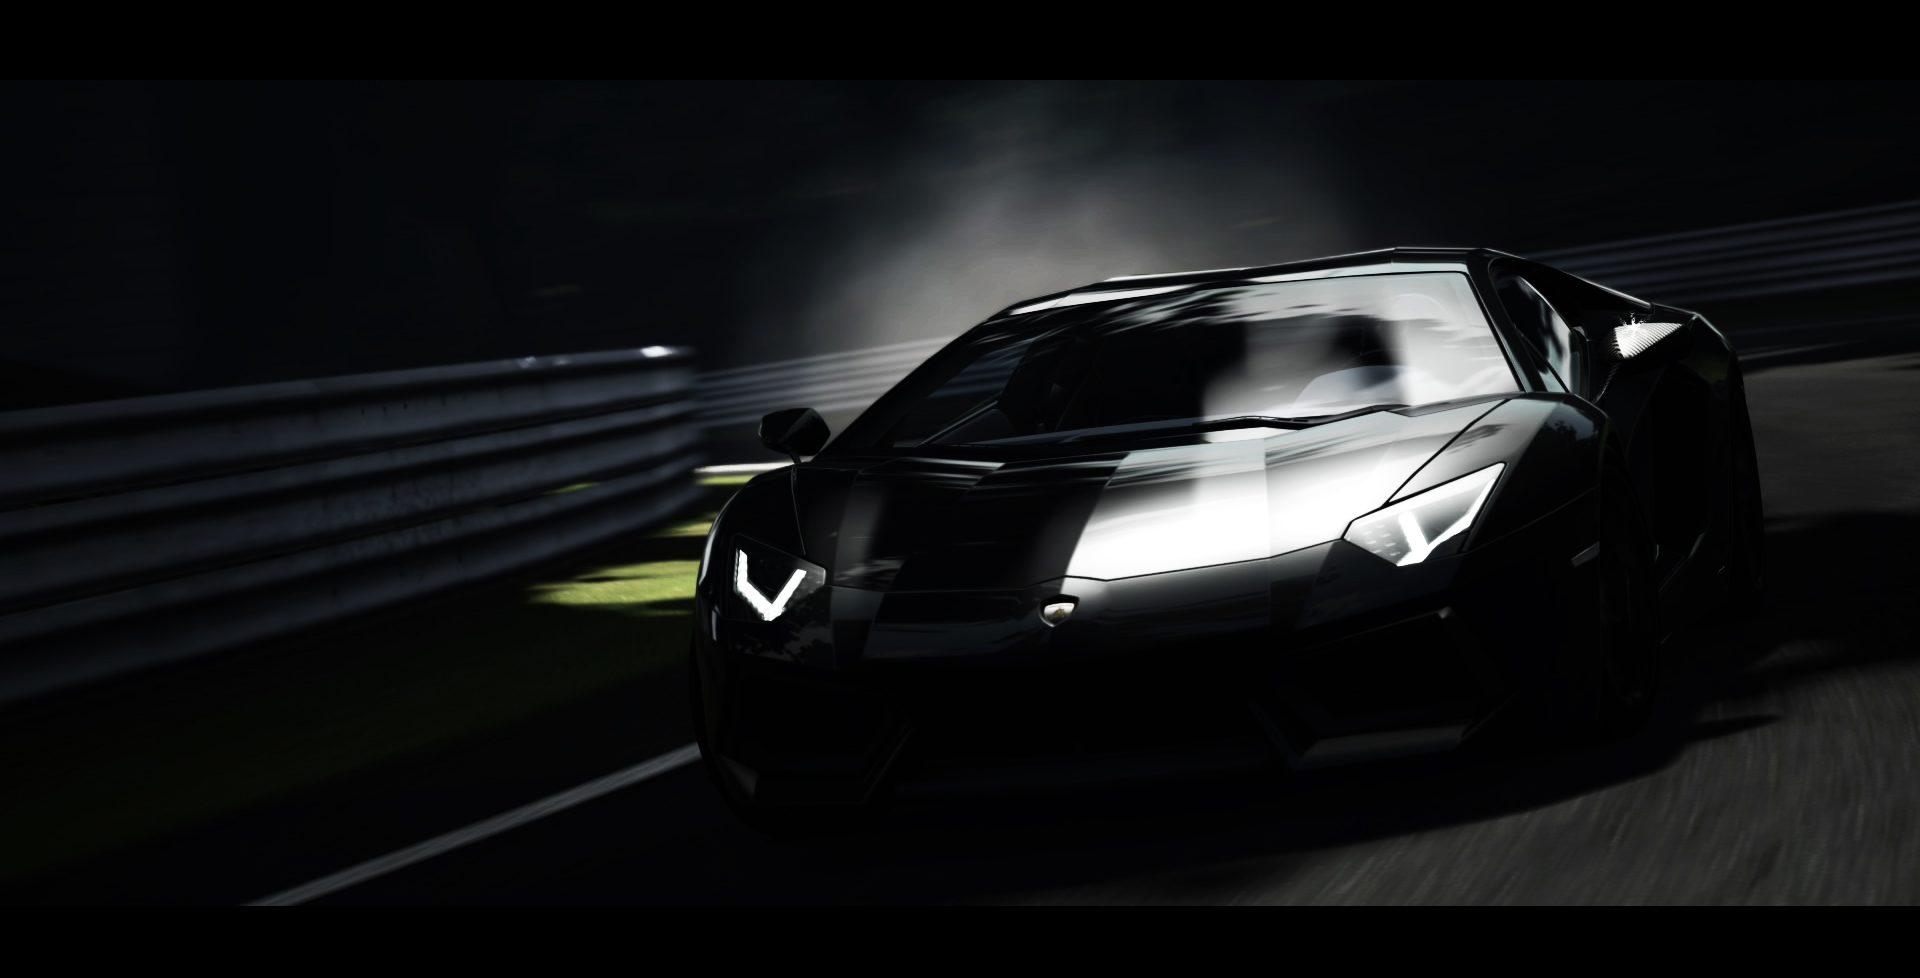 Aventador - Contrast.jpg